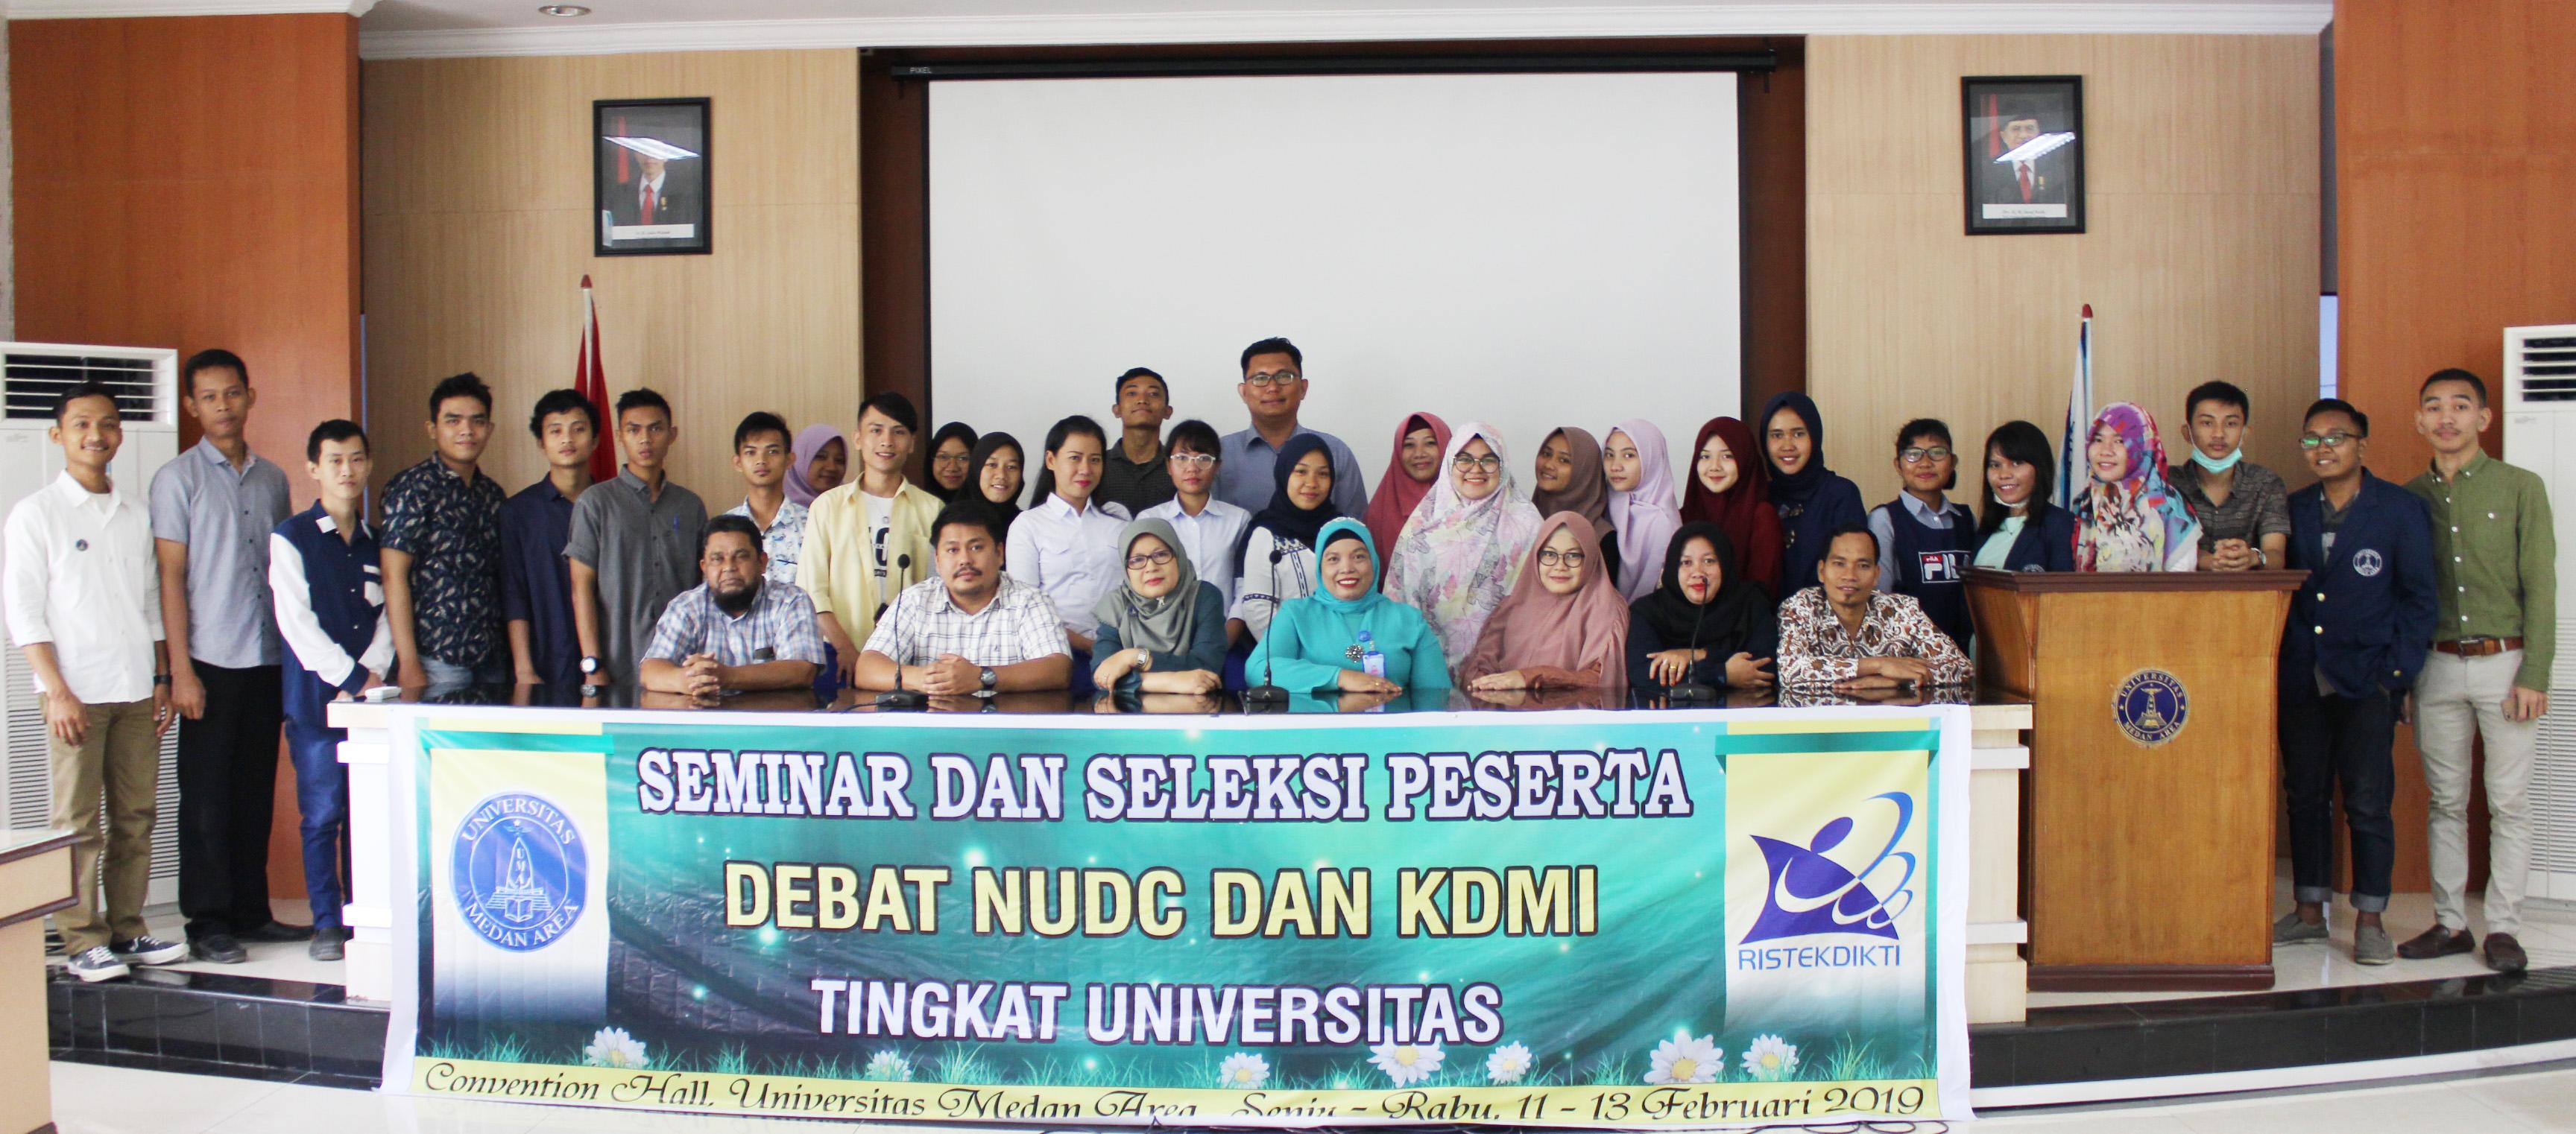 Seminar_Dan_Seleksi_Peserta_Debat_NUDC_Dan_KDMI_Tingkat_Universitas.jpg